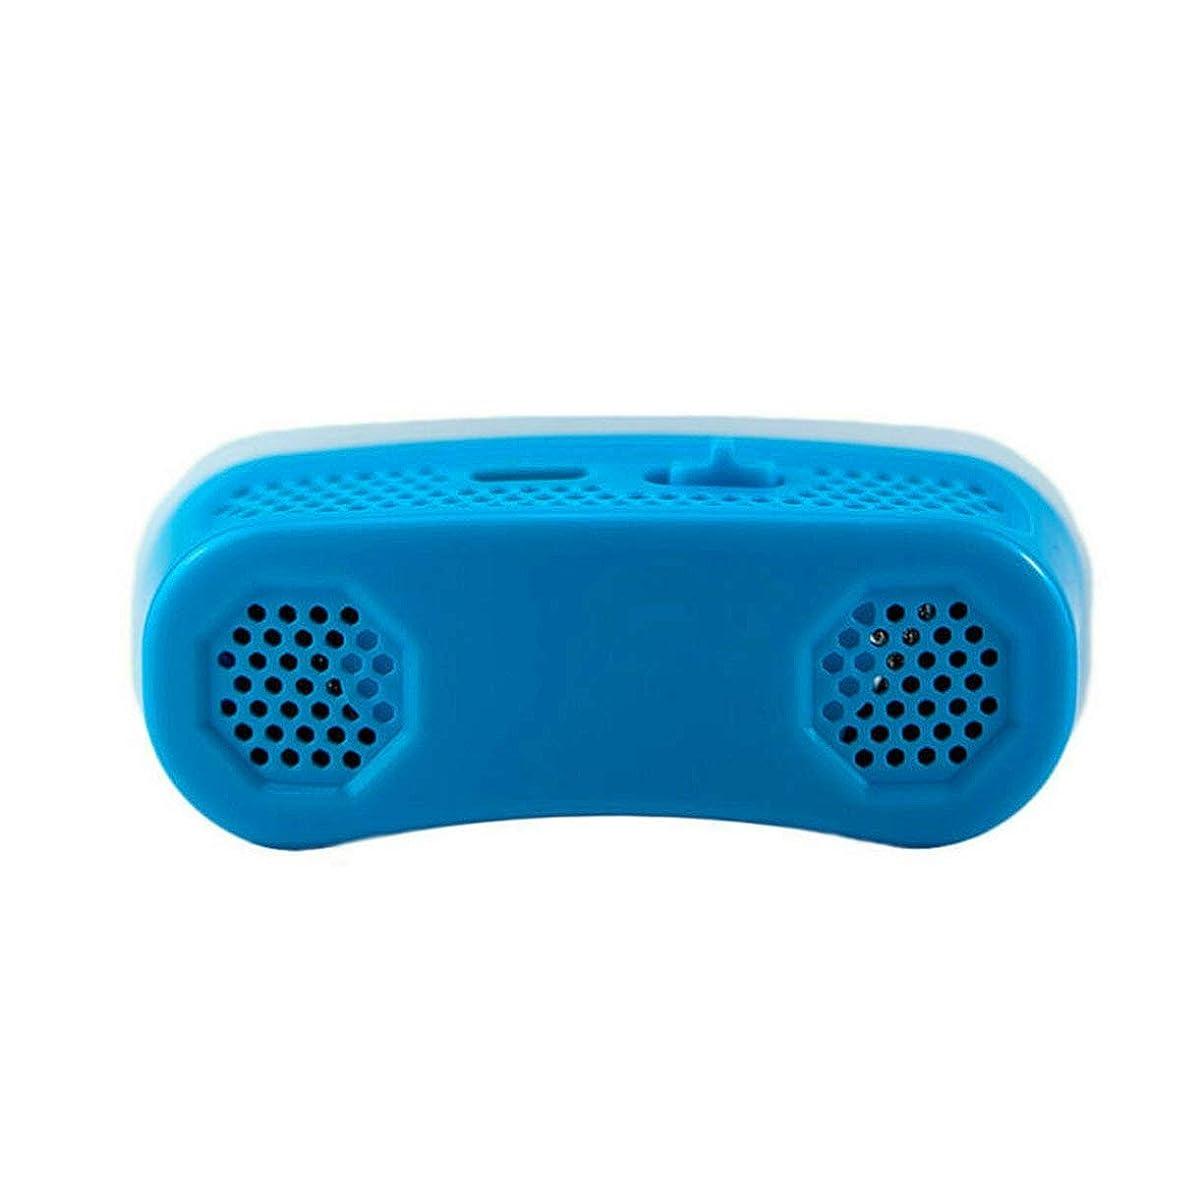 チャンス要求売上高睡眠時無呼吸停止いびき止め栓 - 青のためのマイクロCPAP抗いびき電子デバイス